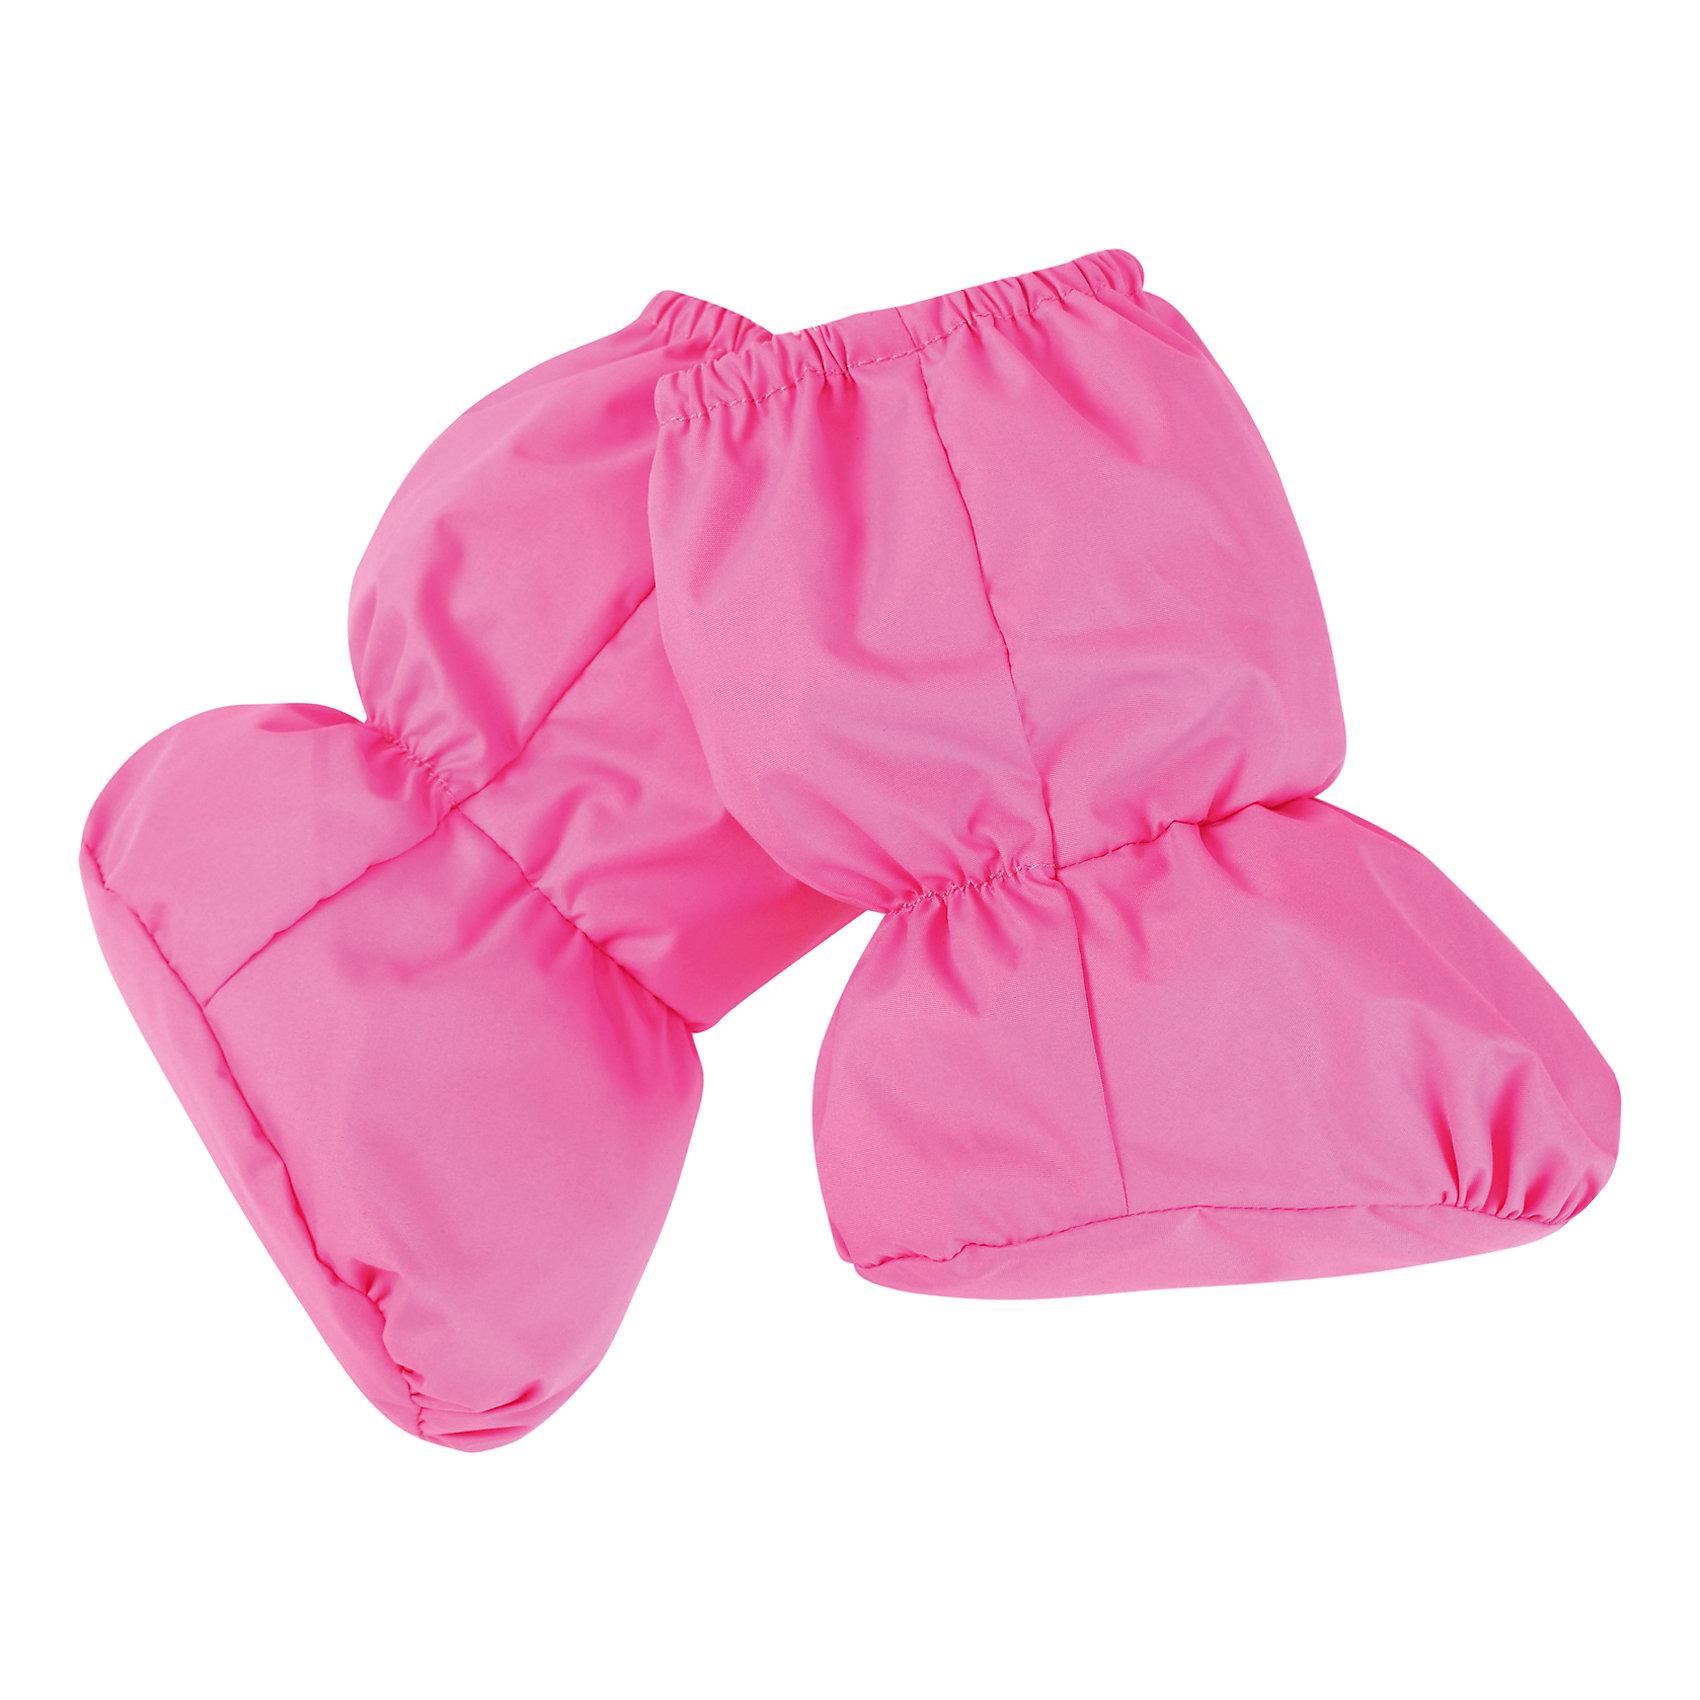 Пинетки для девочки LASSIE by ReimaПинетки для девочки от финской марки LASSIE by Reima выполнены из высококачественных материалов, прекрасно сохраняют тепло, обеспечивая вашему малышу комфорт и уют в любую погоду. Пинетки на резинке хорошо держатся на ногах, модель дополнена специальным ярлычком для более удобного одевания. <br><br>Дополнительная информация:<br><br>- На резинке.<br>- Удобный ярлычок.<br>- Утеплитель 140 гр.<br>- Подкладка из флиса. <br>Параметры для размера one:<br>- Высота: 16 см.<br>- Длина стопы: 12 см. <br>- Ширина: 12 см. <br>Состав:<br>100% полиэстер.<br><br>Пинетки для девочки LASSIE by Reima (Лесси, Рейма) можно купить в нашем магазине.<br><br>Ширина мм: 152<br>Глубина мм: 126<br>Высота мм: 93<br>Вес г: 242<br>Цвет: розовый<br>Возраст от месяцев: 0<br>Возраст до месяцев: 6<br>Пол: Женский<br>Возраст: Детский<br>Размер: one size<br>SKU: 4218236